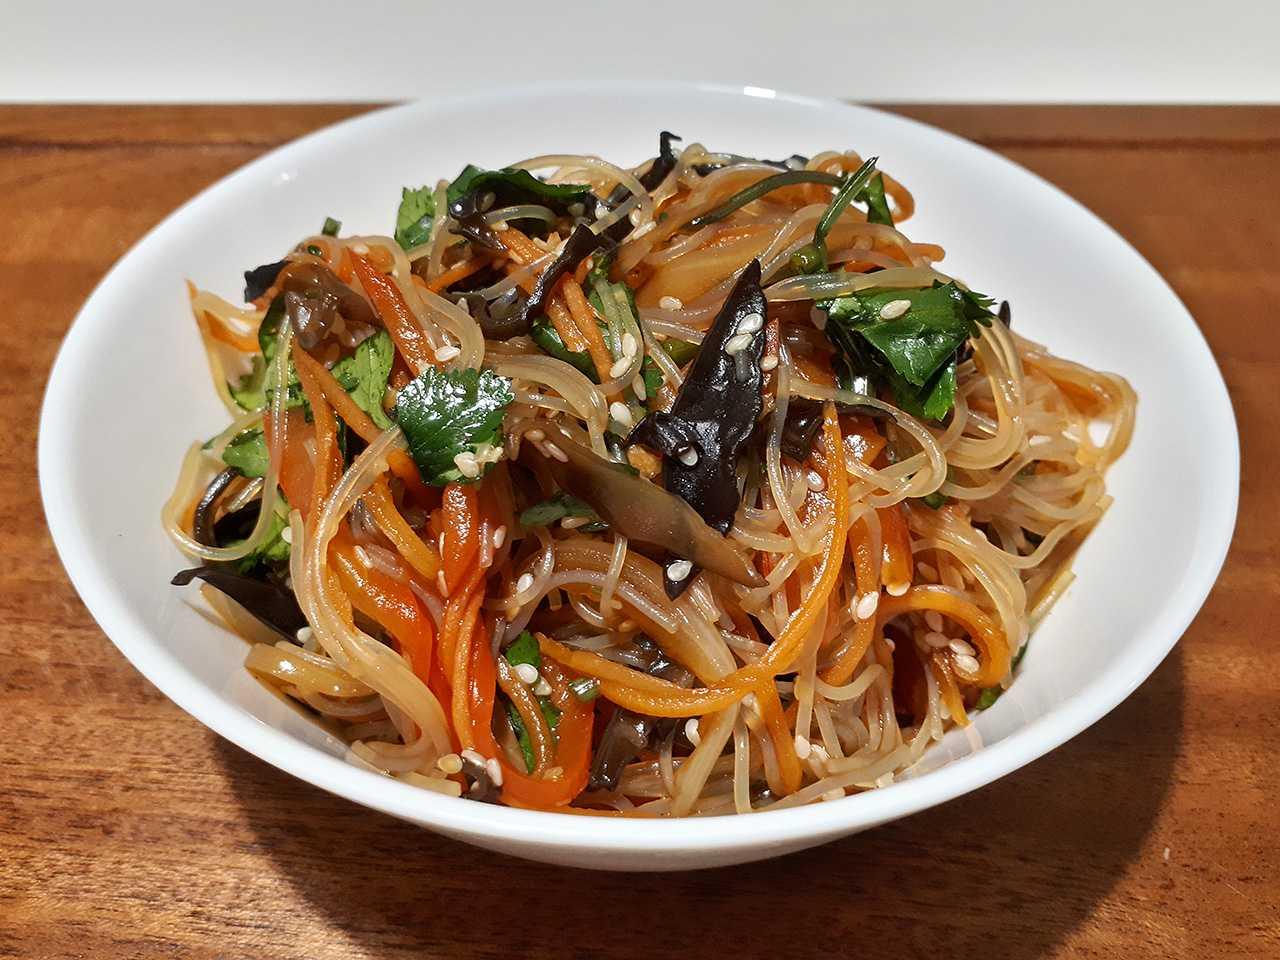 Быстрые и вкусные салаты на скорую руку: простые рецепты, фото, видео. салат из лапши быстрого приготовления, капусты, крабовый